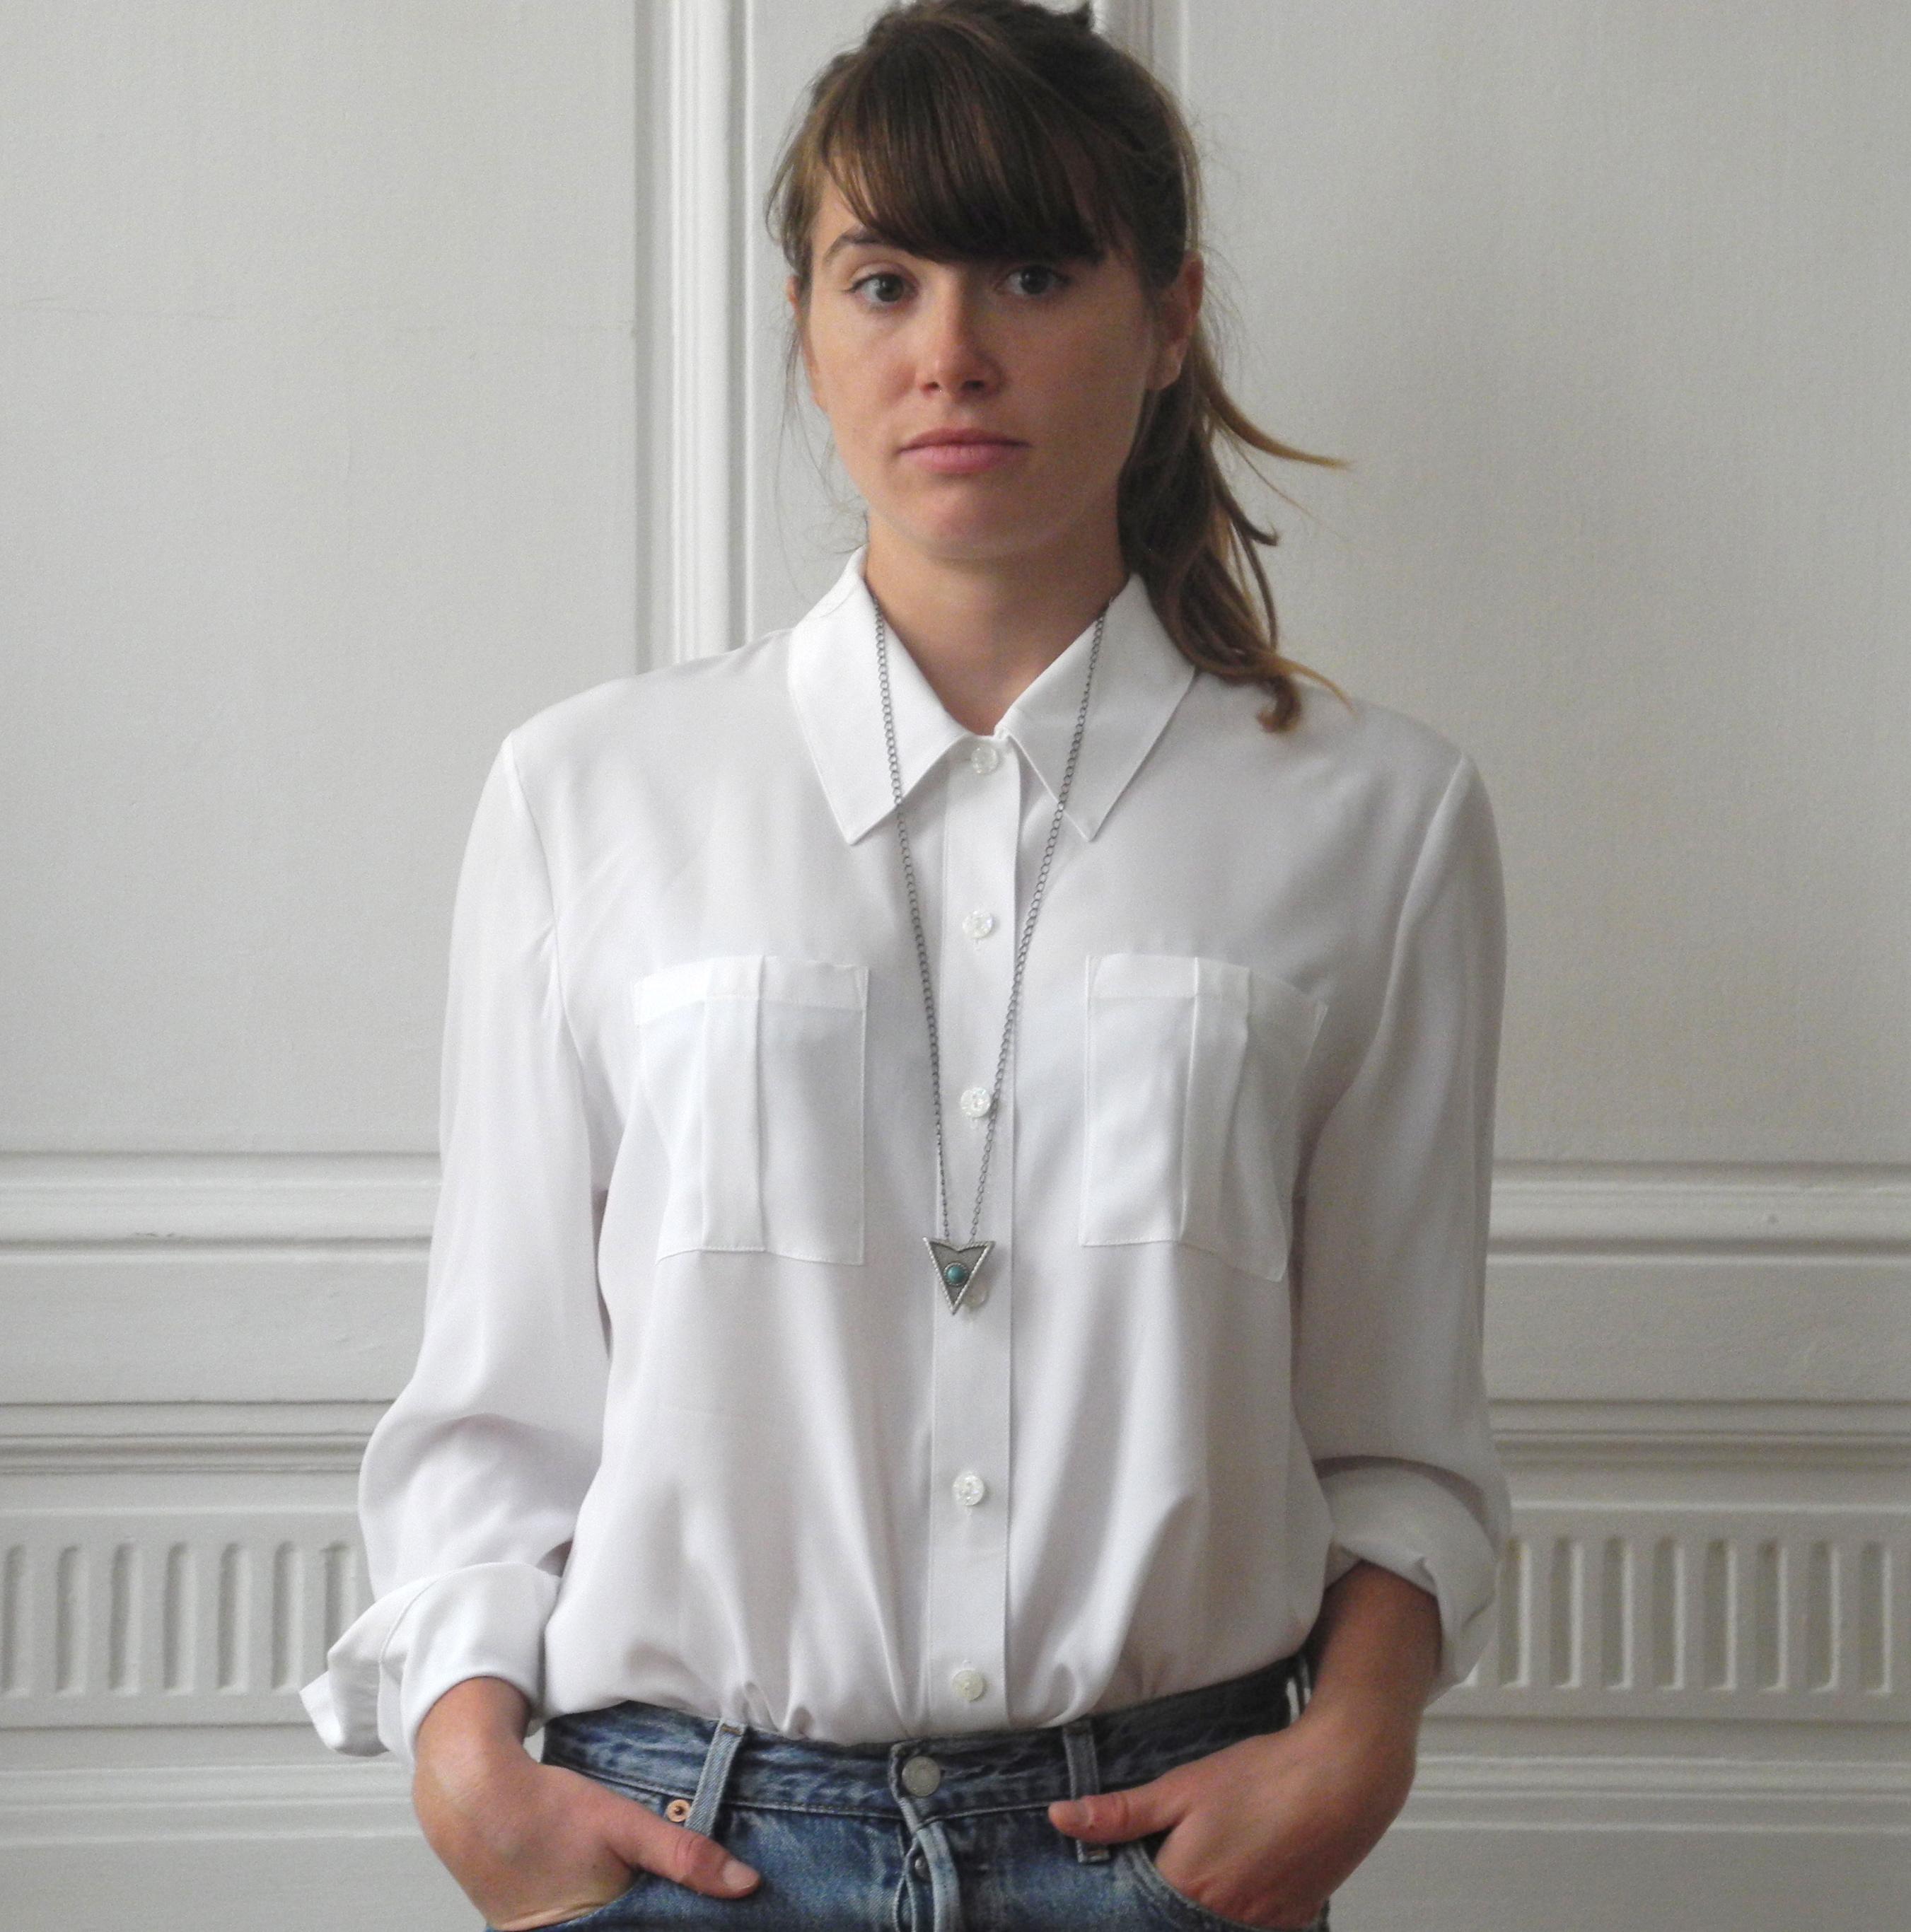 Je veux trouver une belle chemise femme et agréable à porter pas cher ICI  Chemise blanche femme fluide fd73ffd41ea5